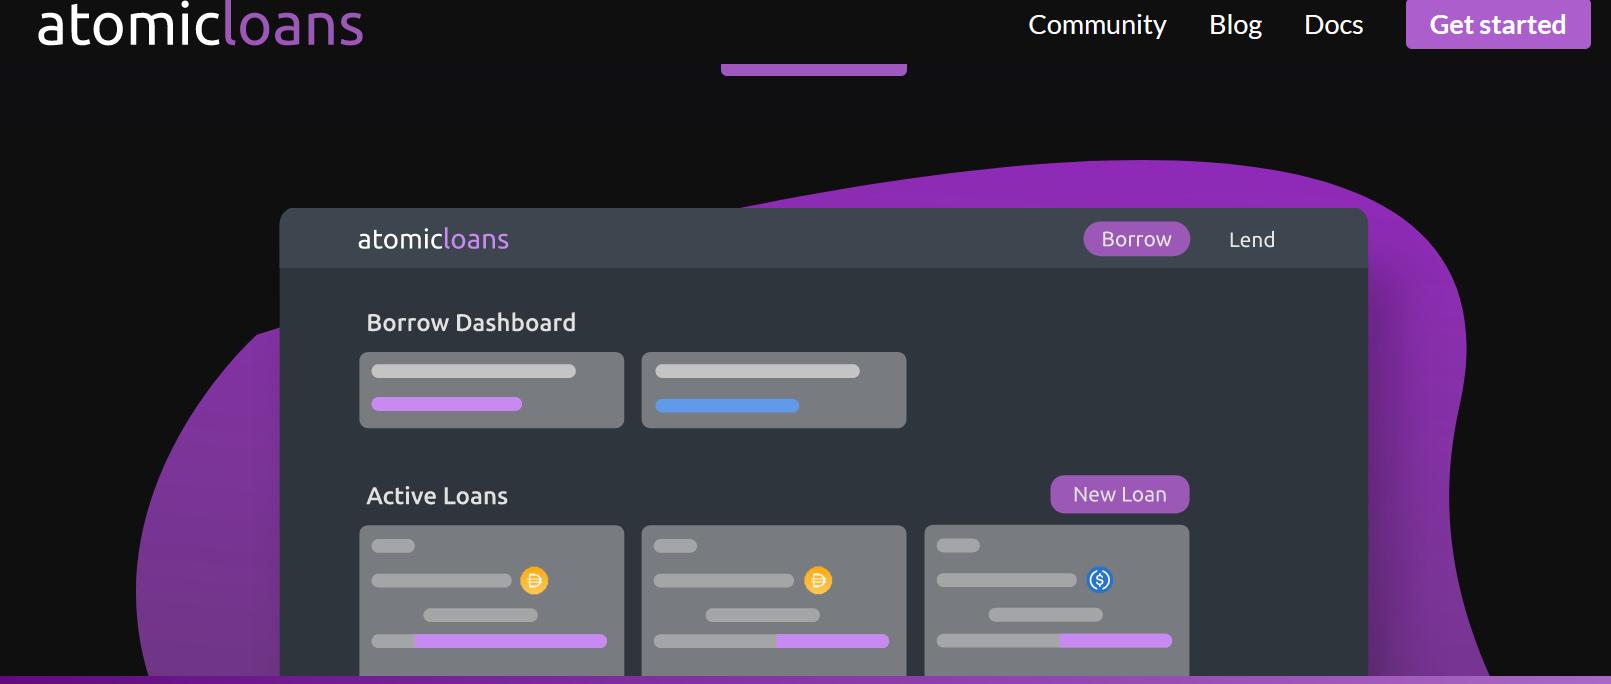 atomic loans user interface